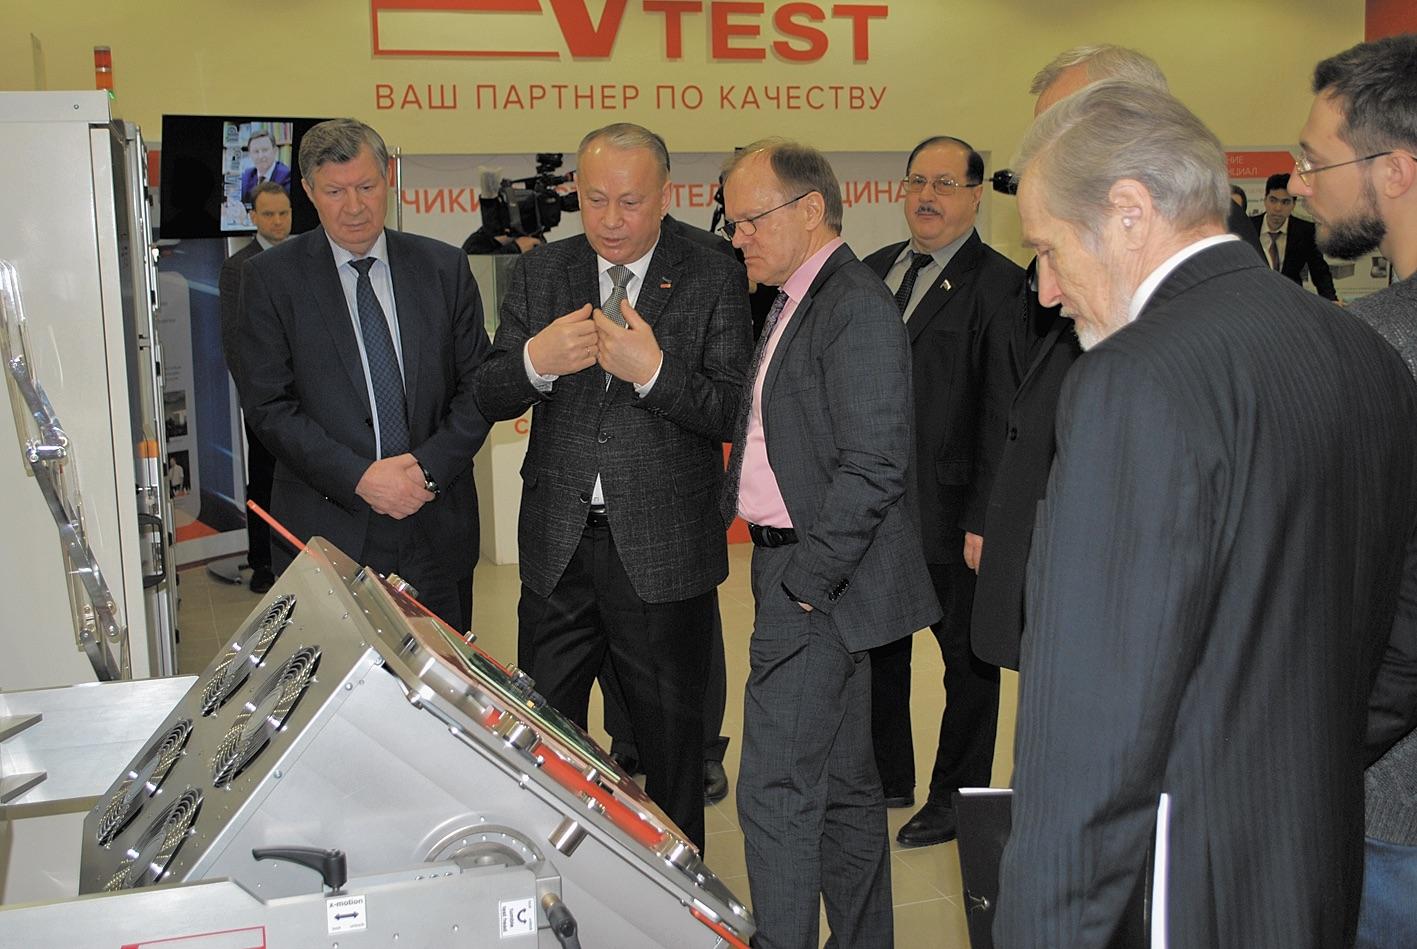 Основное направление деятельности «Совтест АТЕ» сегодня — выпуск тестового и контрольно-измерительного оборудования для предприятий радиоэлектронной промышленности в рамках программы импортозамещения